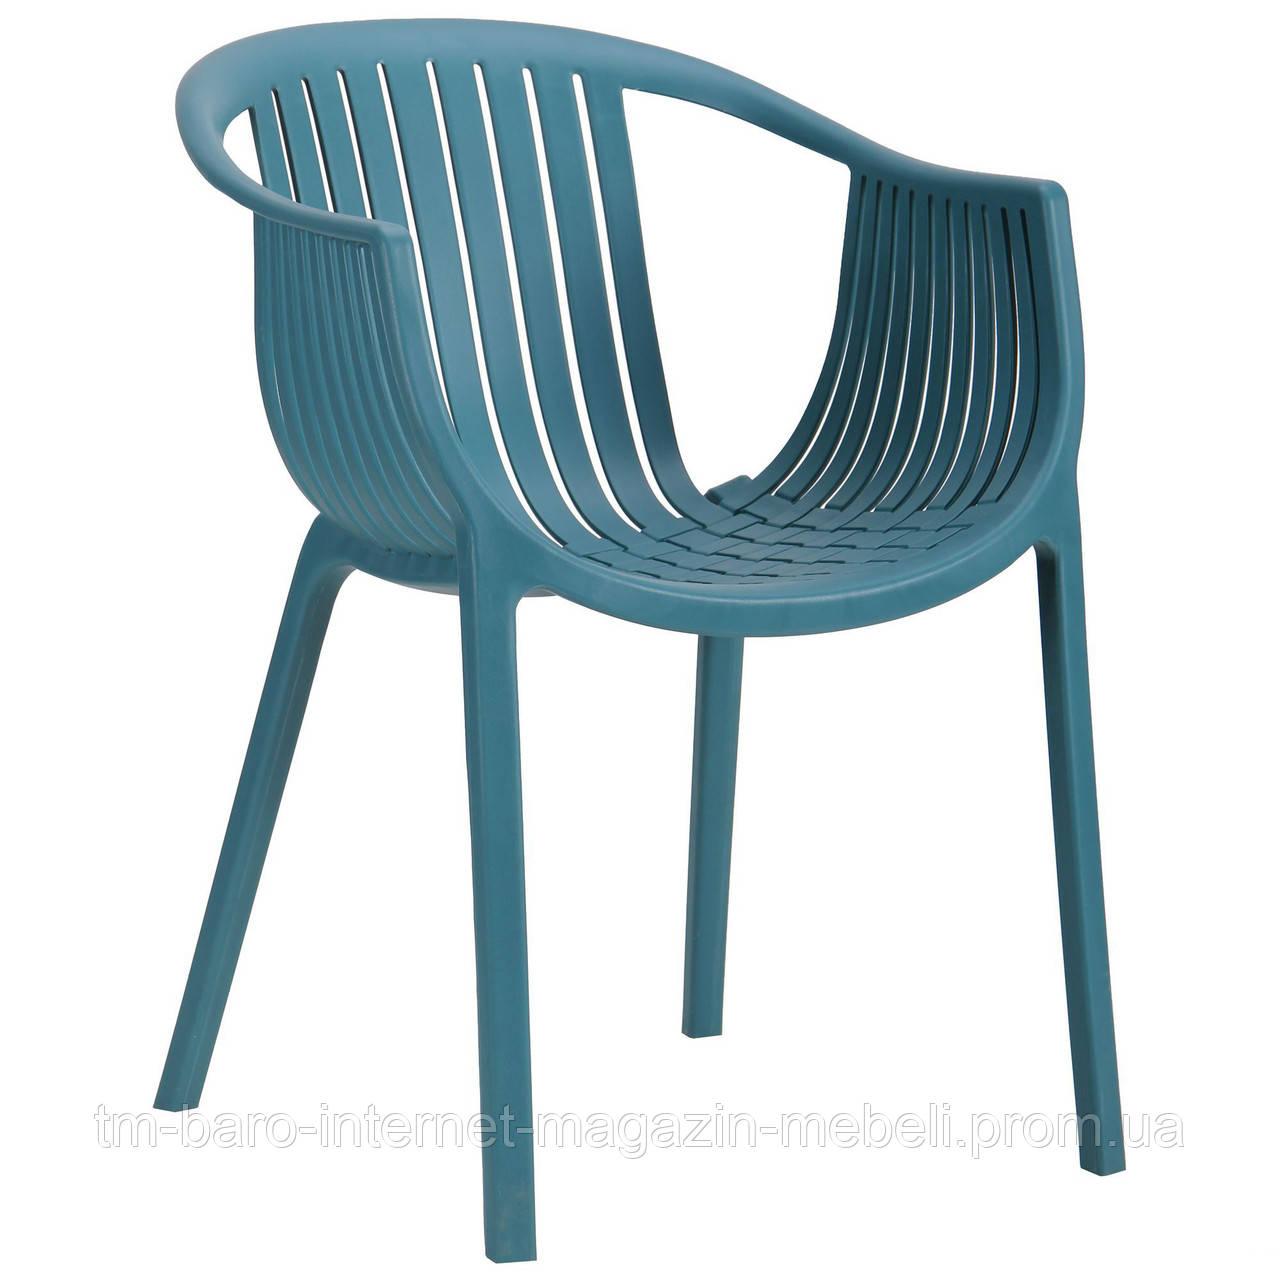 Кресло Crocus PL (Крокус) Тёмно-бирюзовый